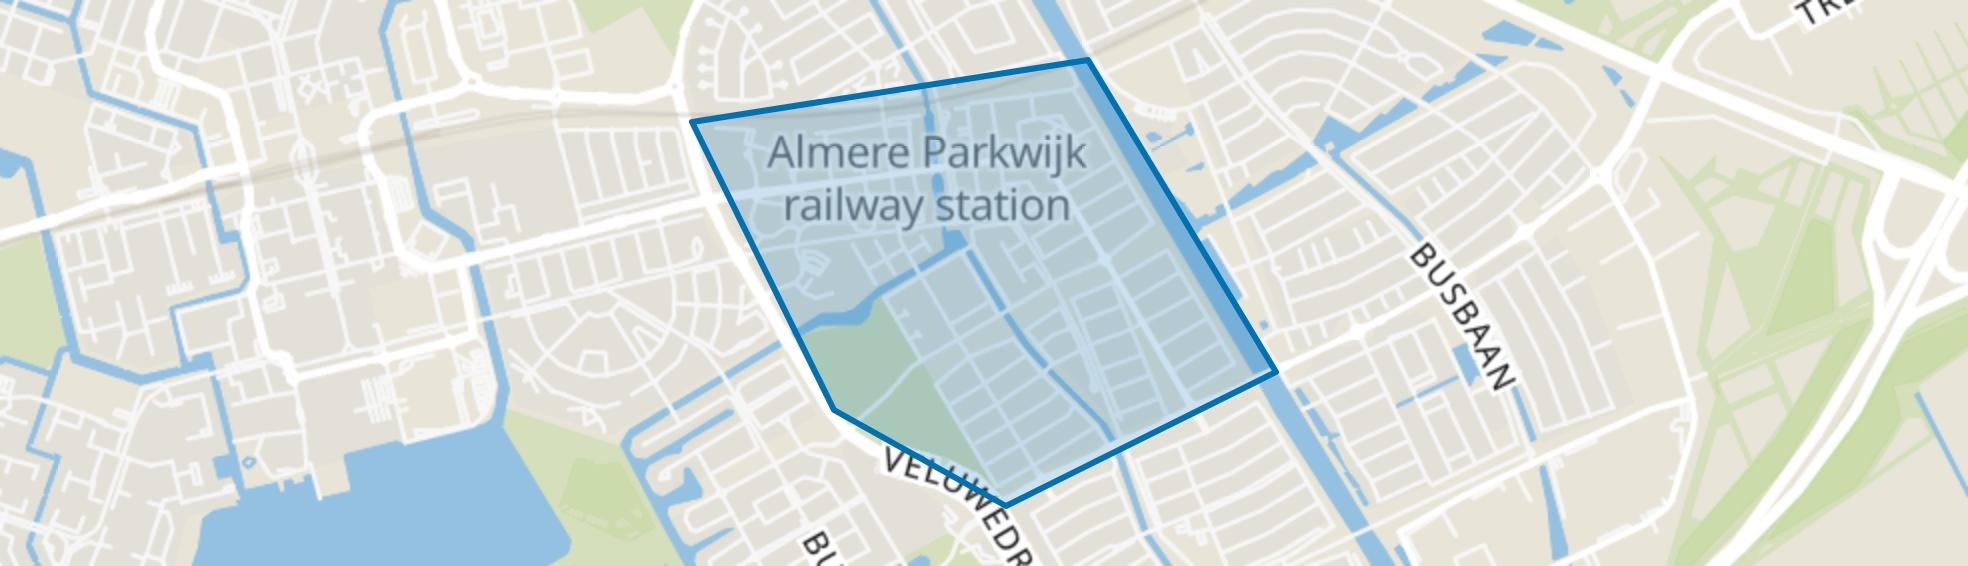 Parkwijk, Almere map